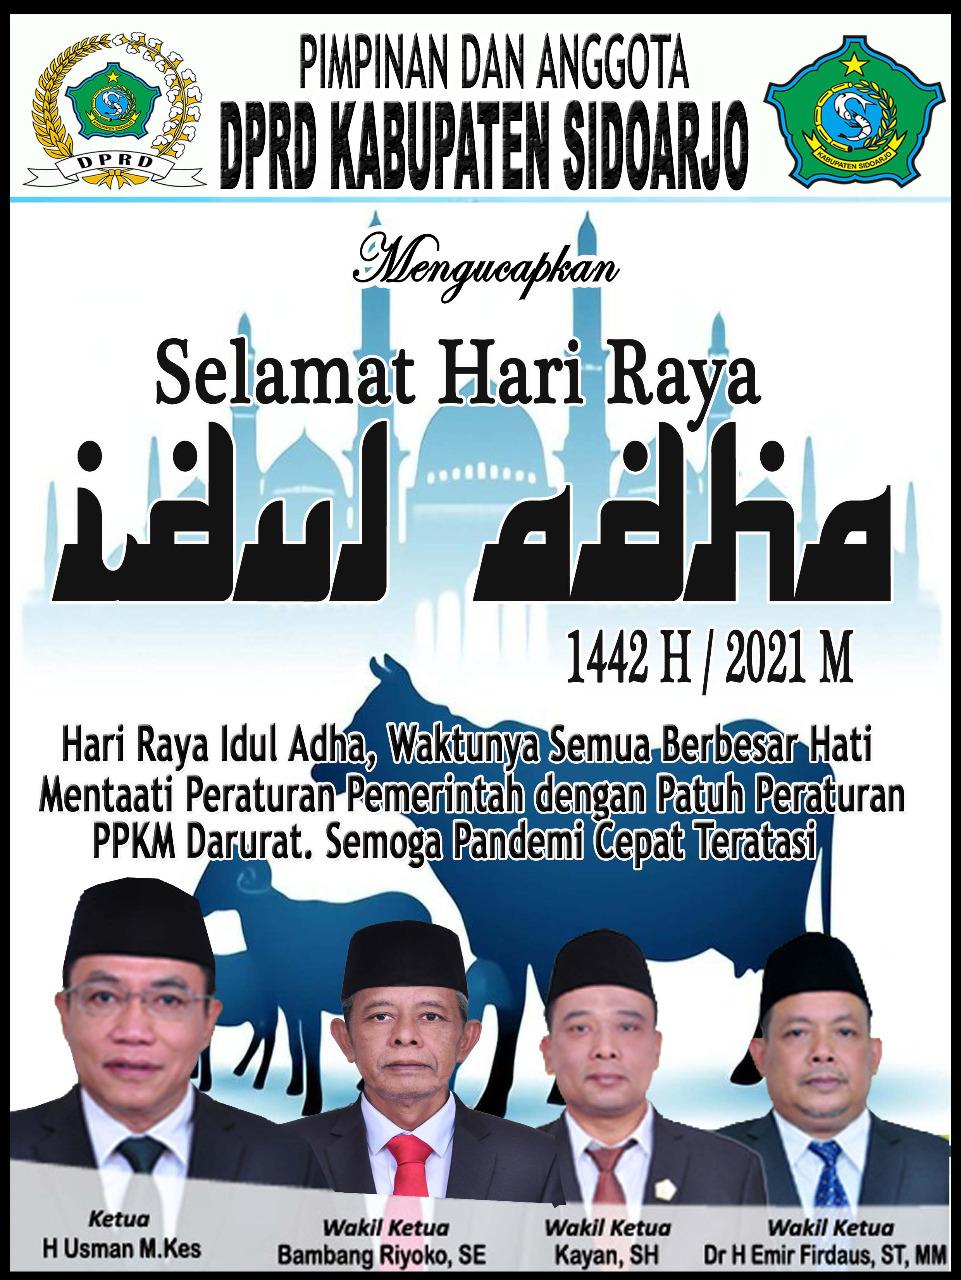 Pimpinan dan Anggota DPRD Sidoarjo Mengucapkan Selamat Hari Raya Idul Adha 1442 Hijriyah